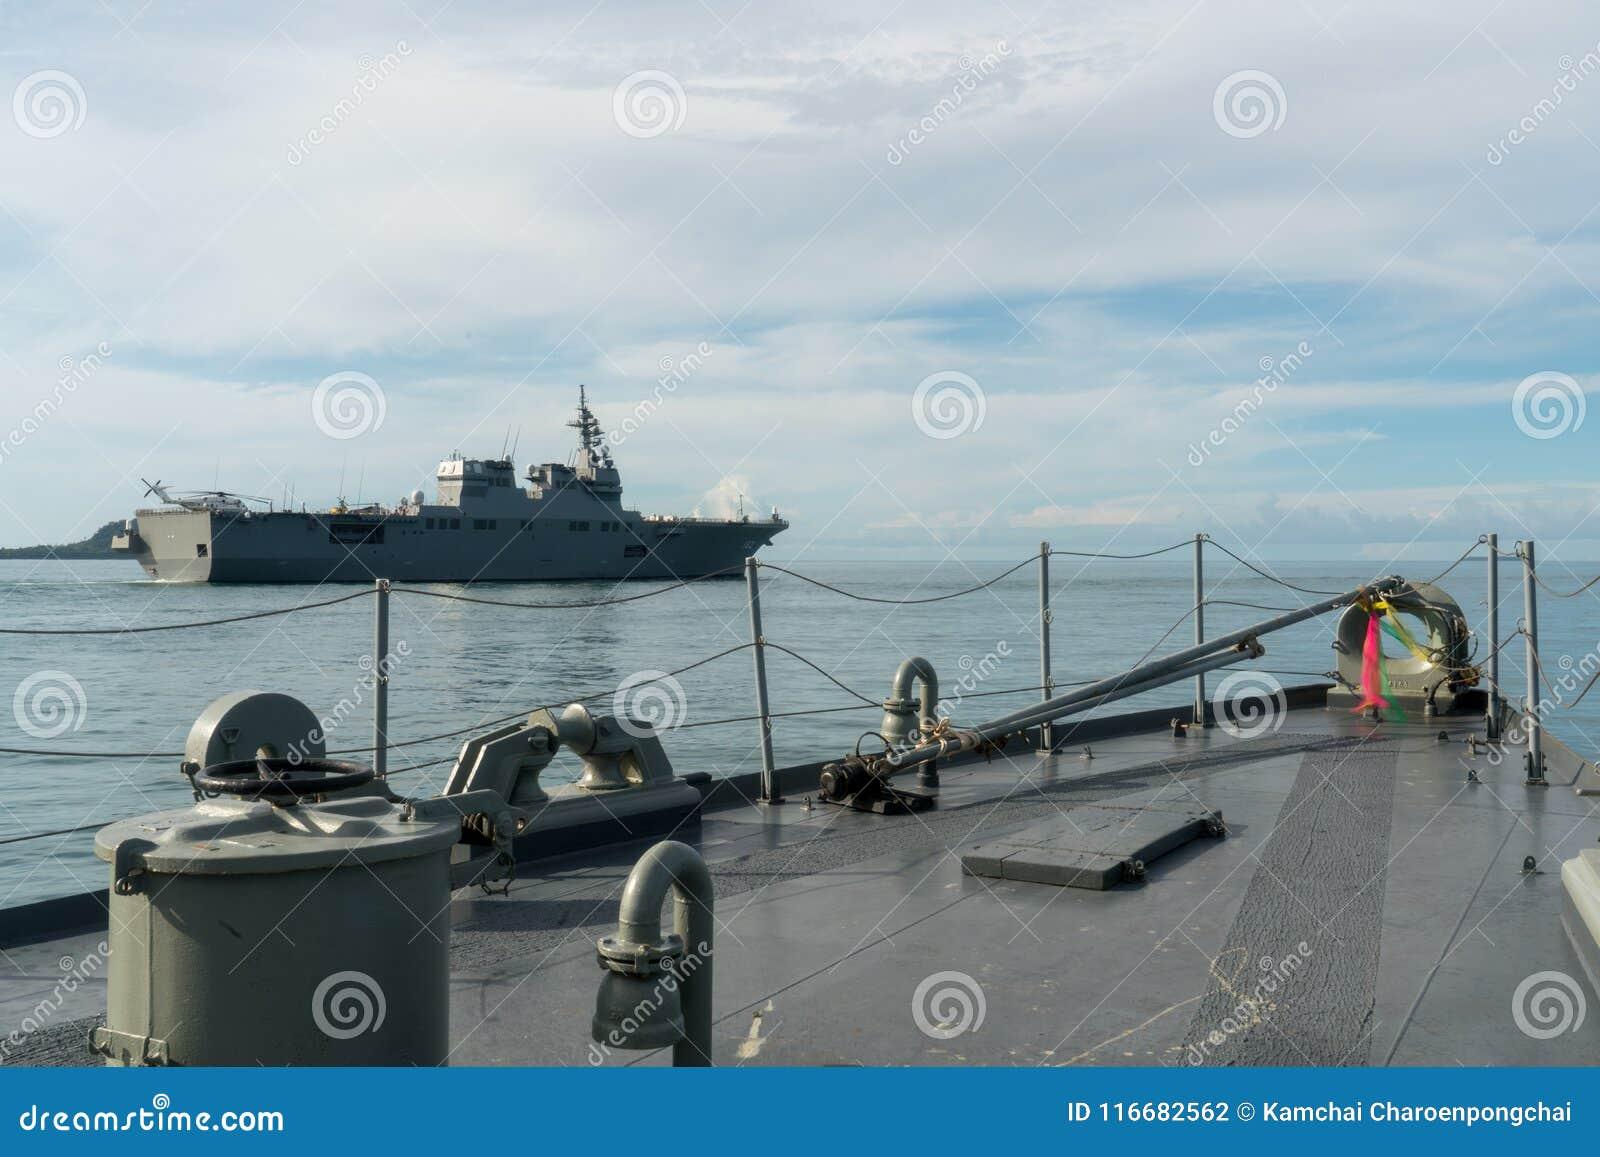 HTMS Narathiwat Na morzu patrolu prawy Tajlandzki naczynie Ise i JS opuszczaliśmy Japońskiego śmigłowcowego niszczyciela żagiel w